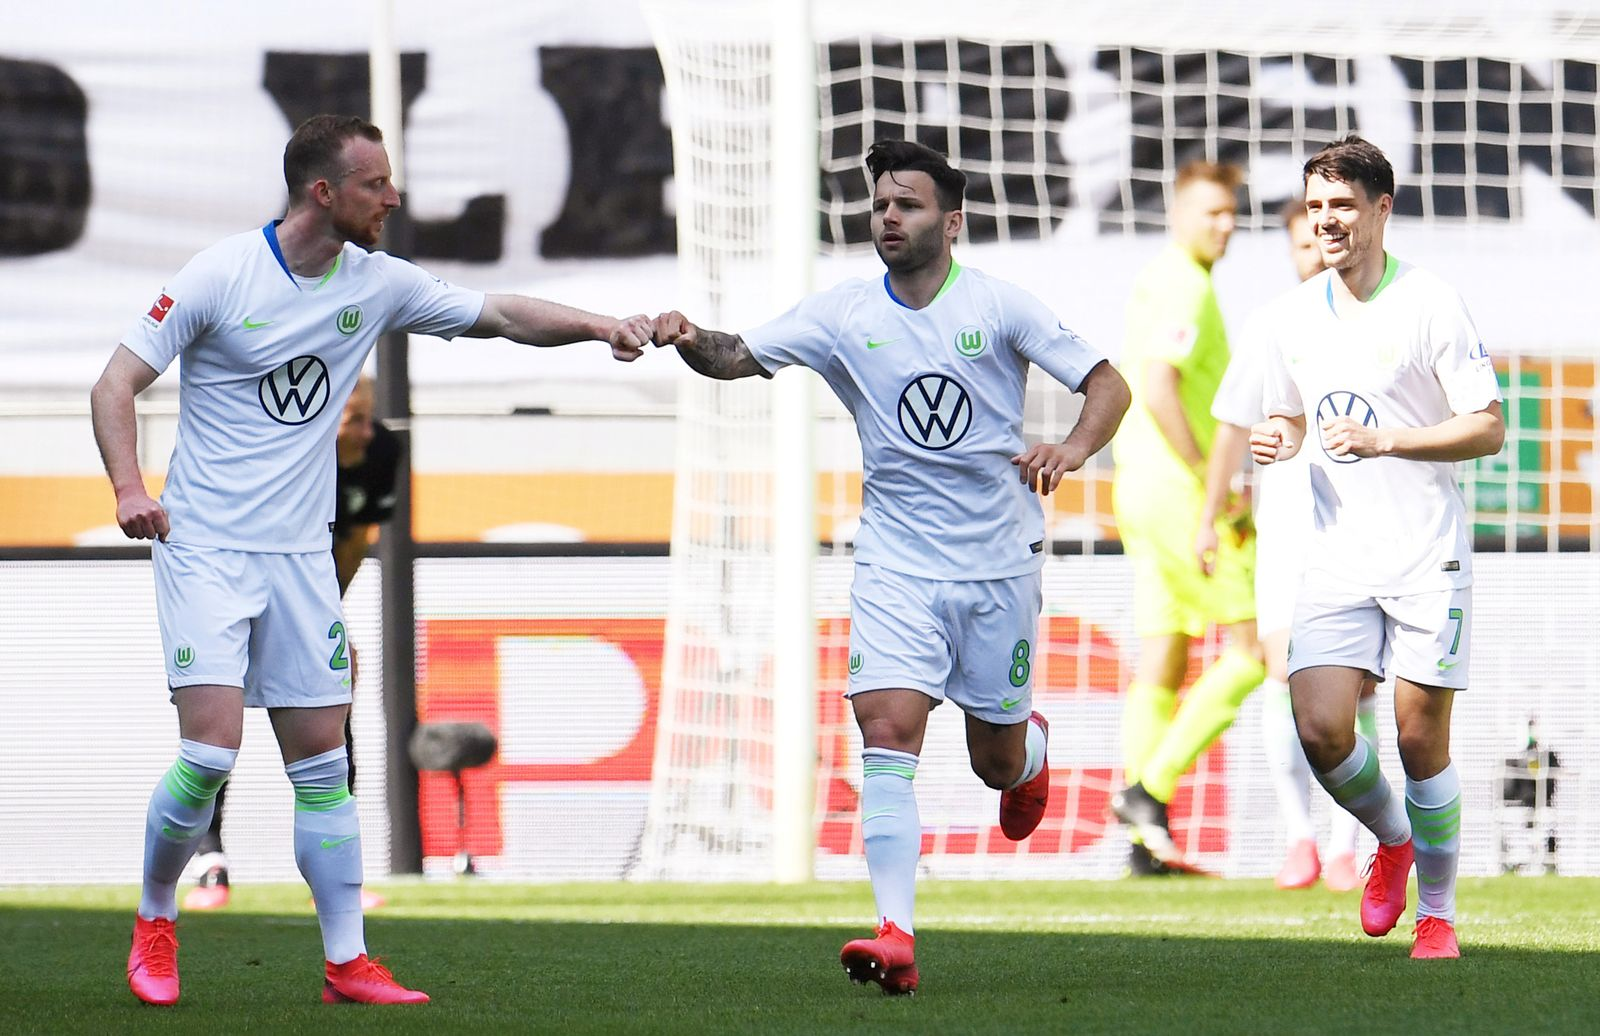 Bundesliga - FC Augsburg v VfL Wolfsburg